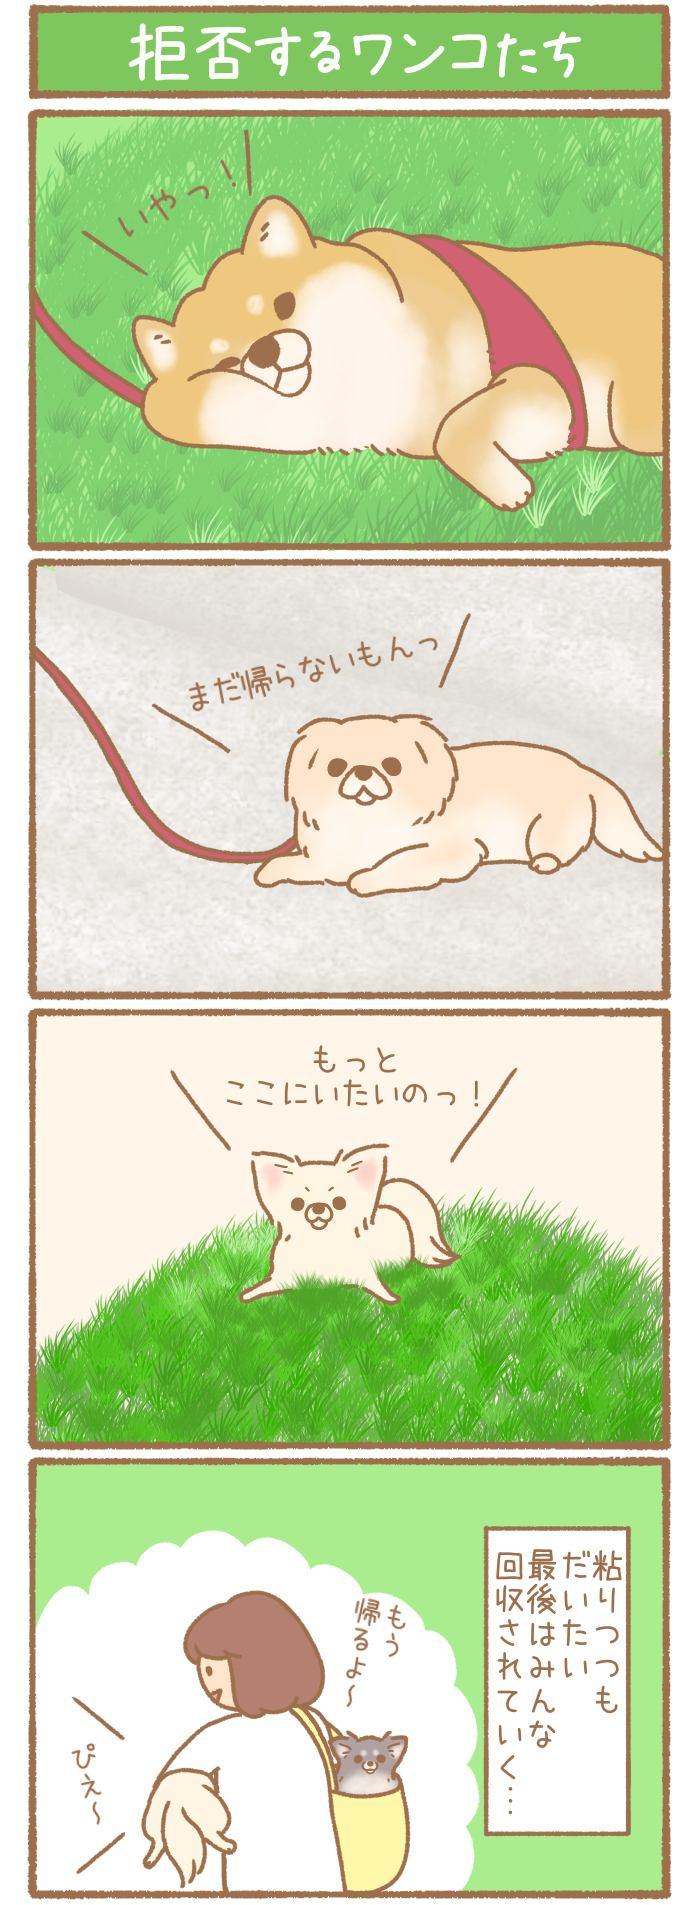 ただの犬好きです。【第118話】